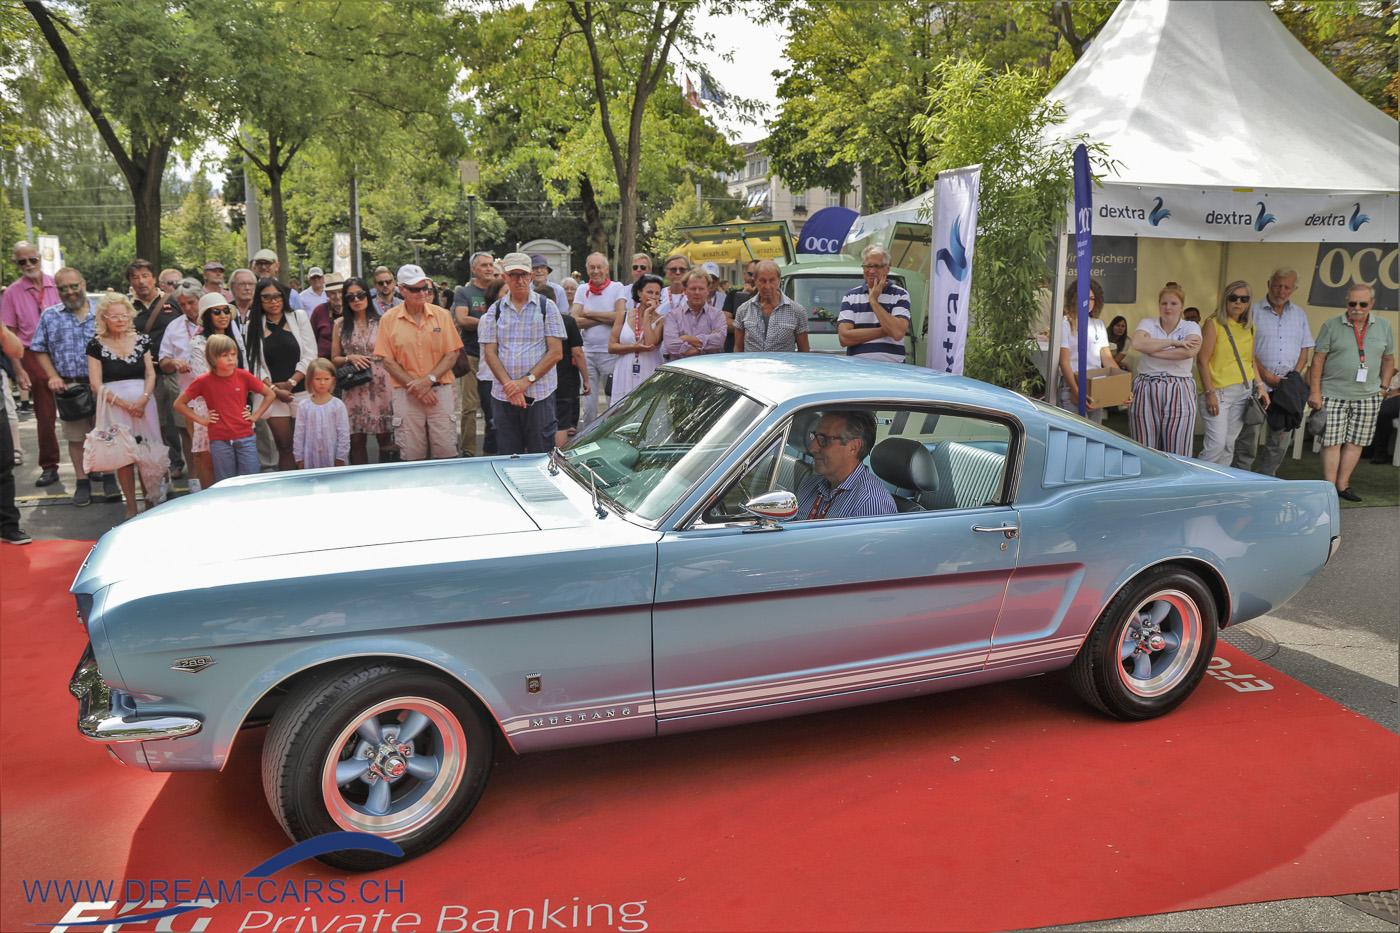 ZCCA - Zurich Classic Car Award, Bürkliplatz Zürich, 19. August 2020. Der Ford Mustang von 1964 ist ein richtiger Dream-Car.